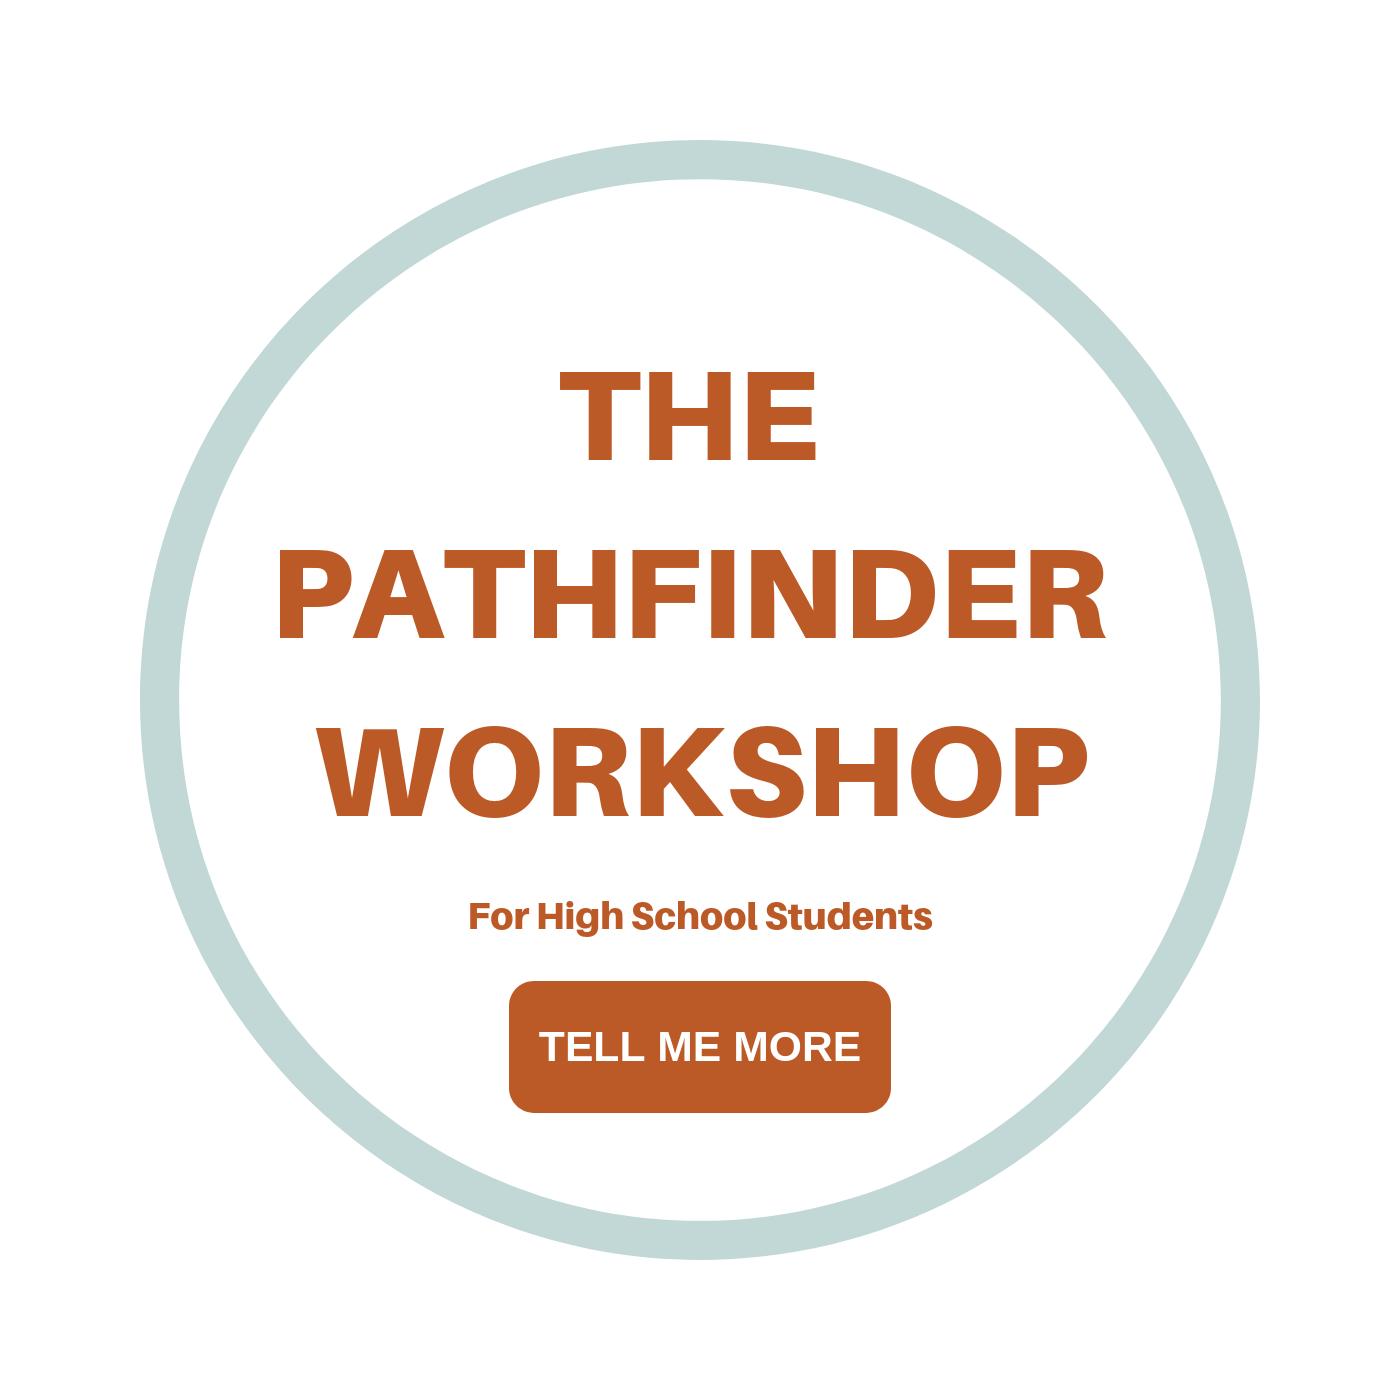 THE PATHFINDER WORKSHOP (1).png